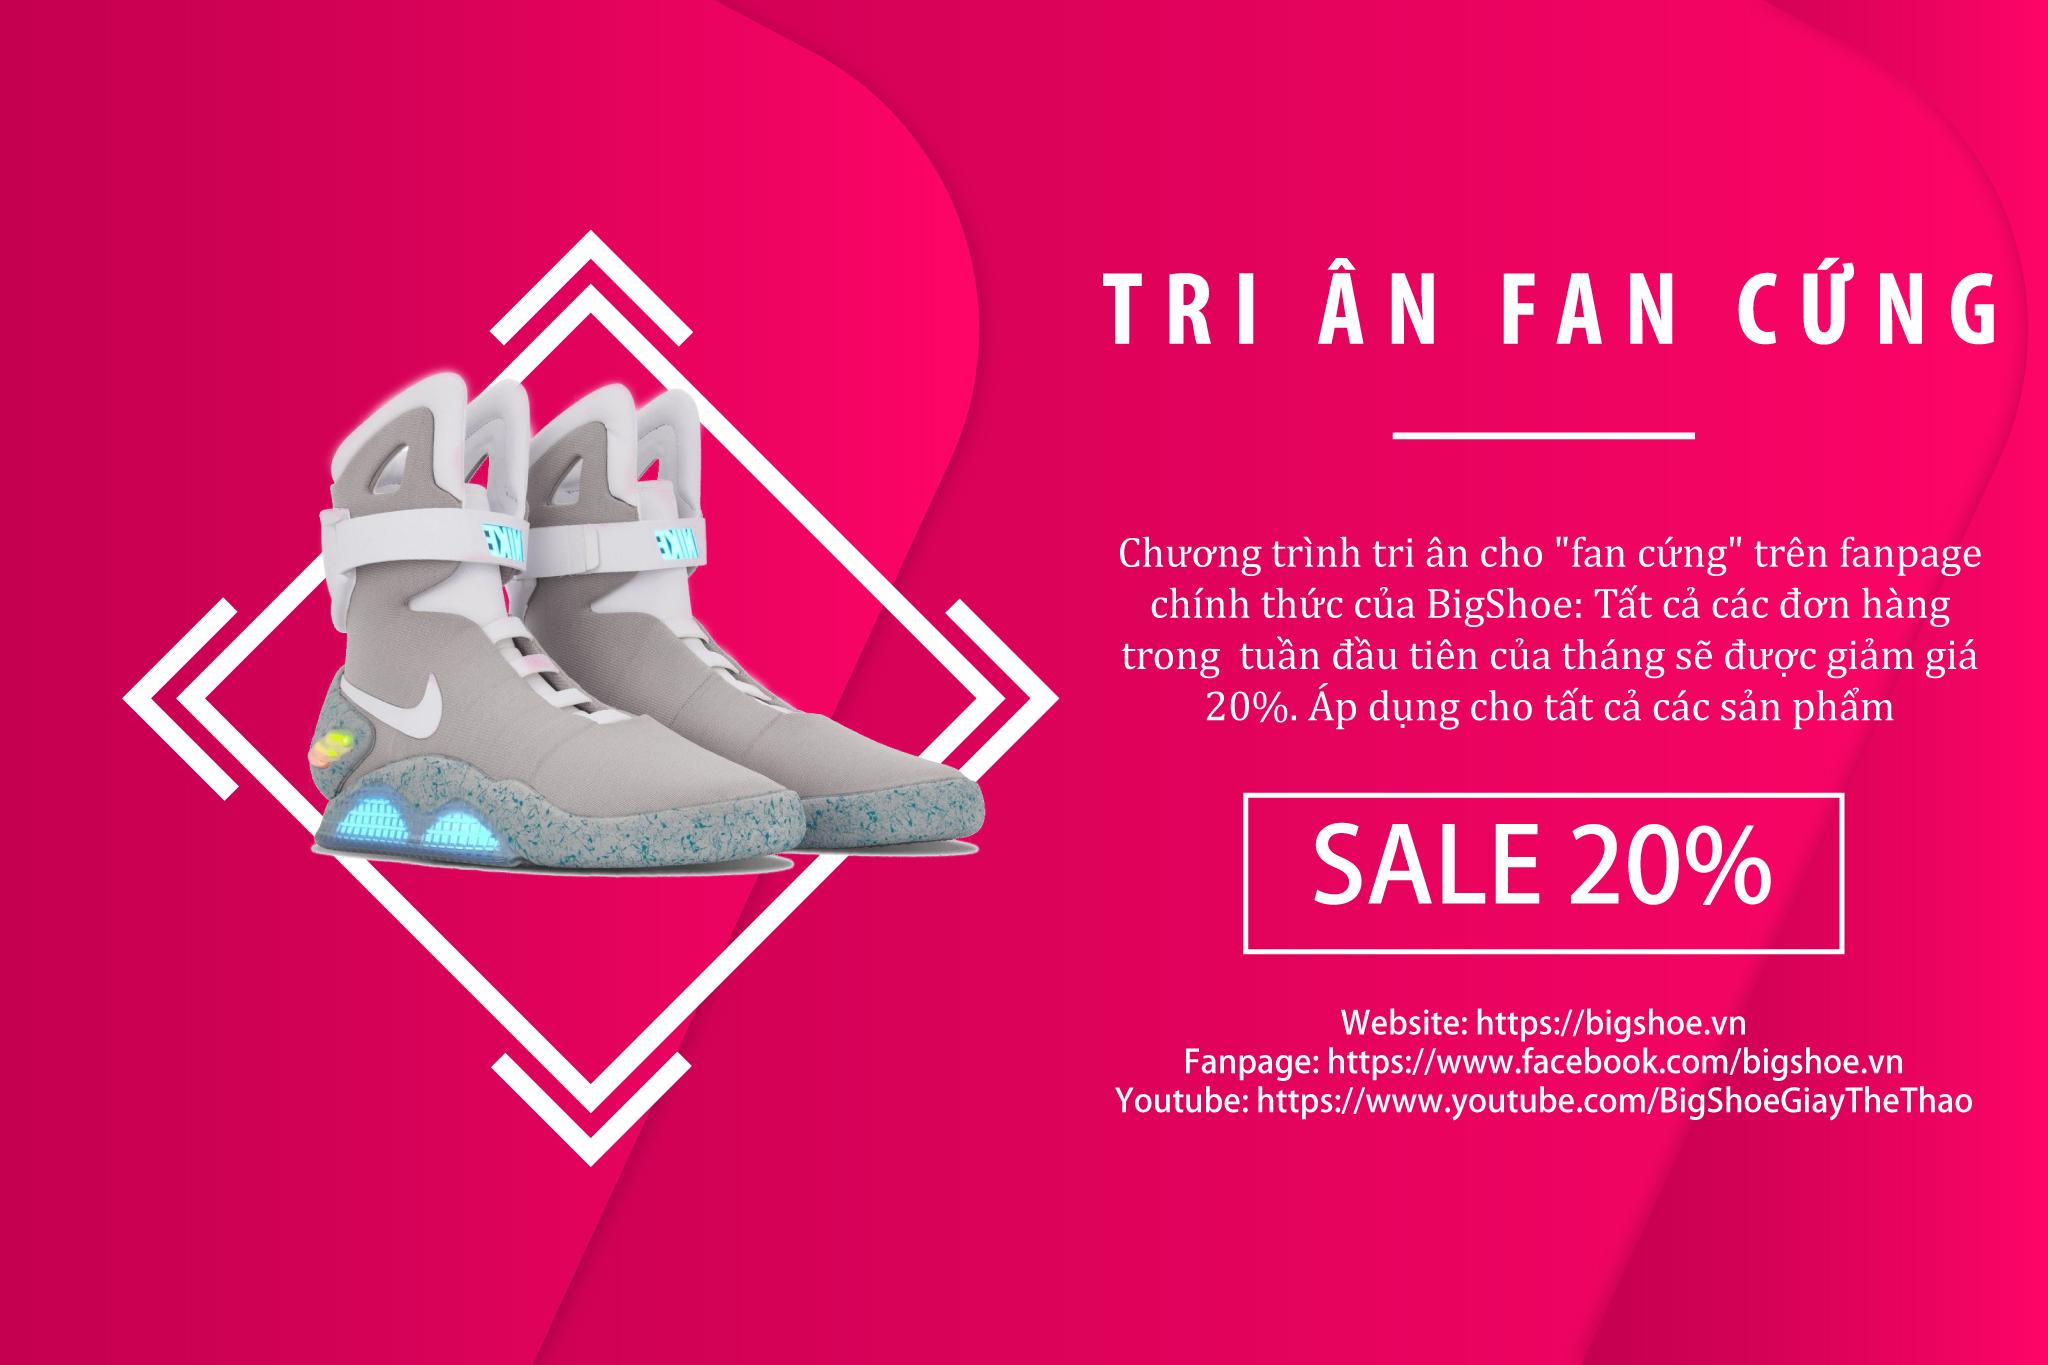 giày yeezy   giày thể thao   giày replica   giày thể thao   giày thể thao   giày thể thao